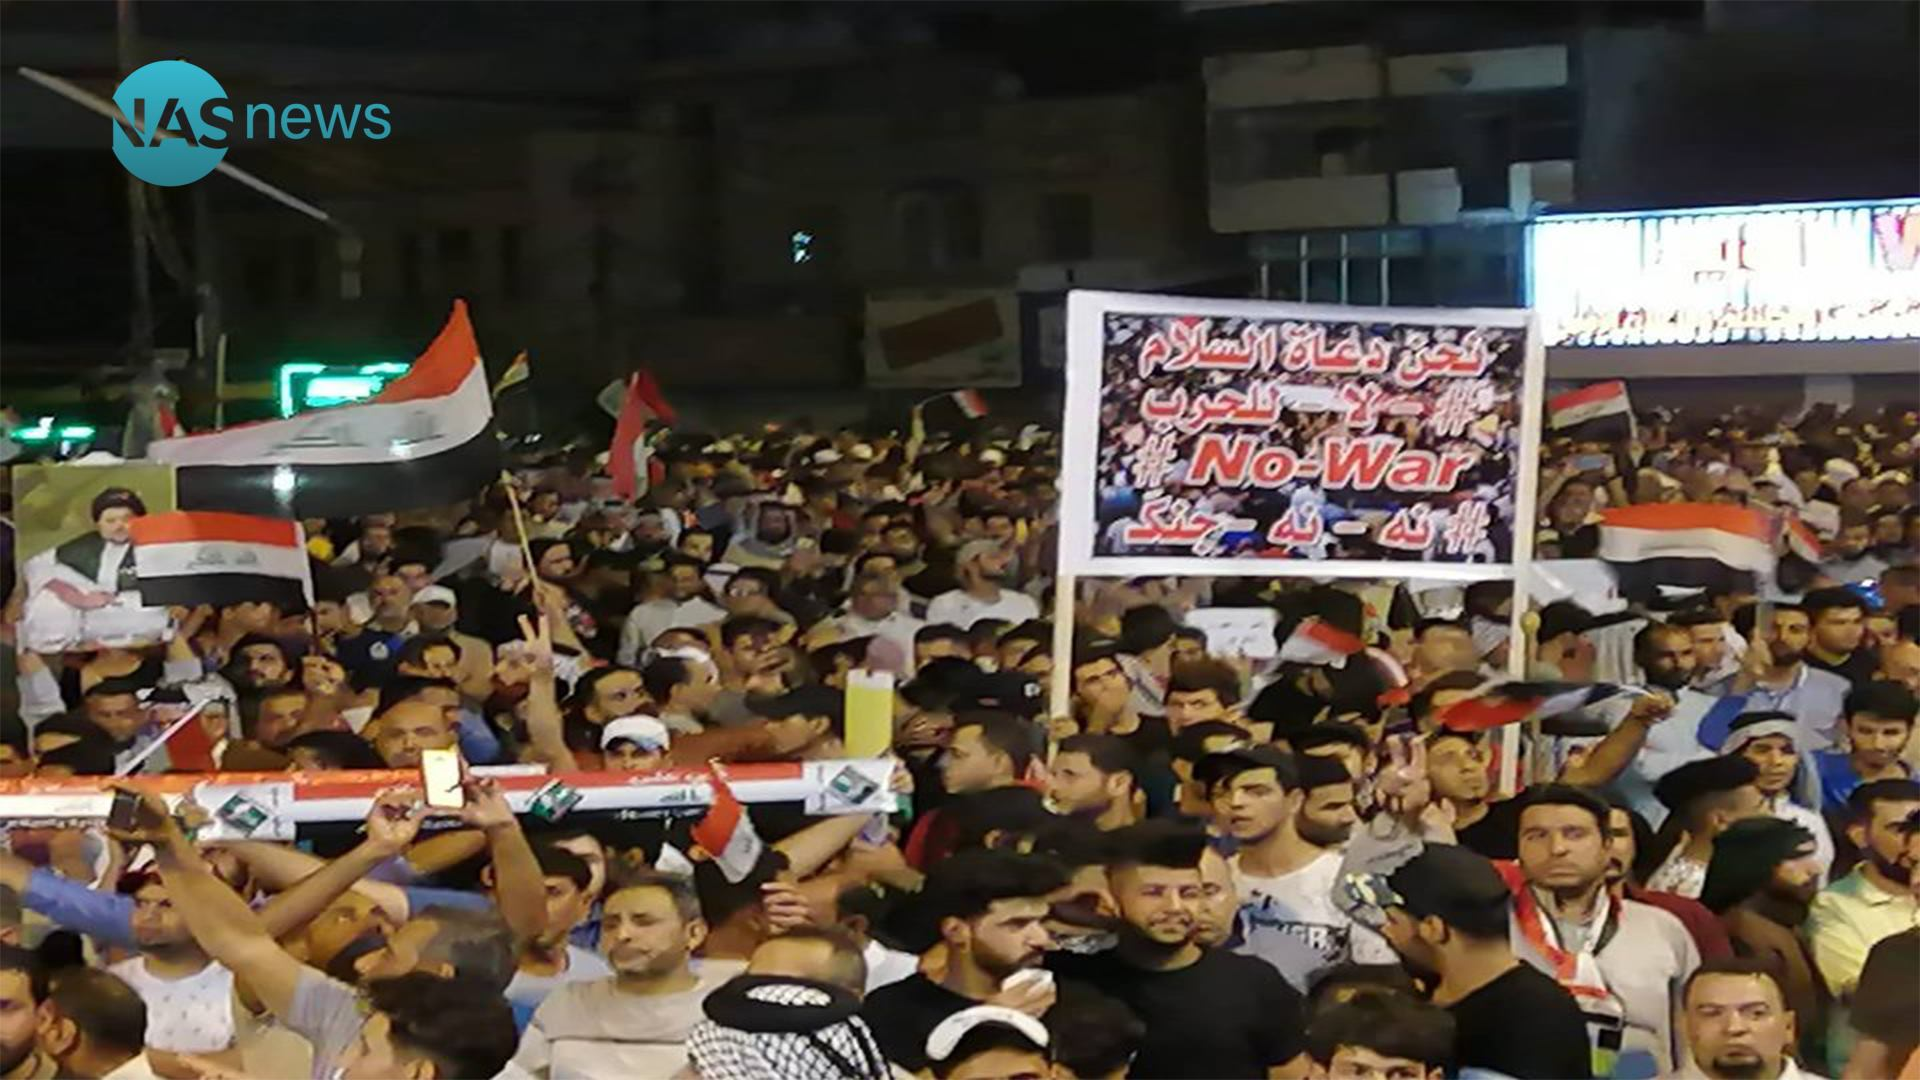 """صور: تظاهرات """"الصدريين"""" في ساحة التحرير.. حضور كردي أيضاً"""